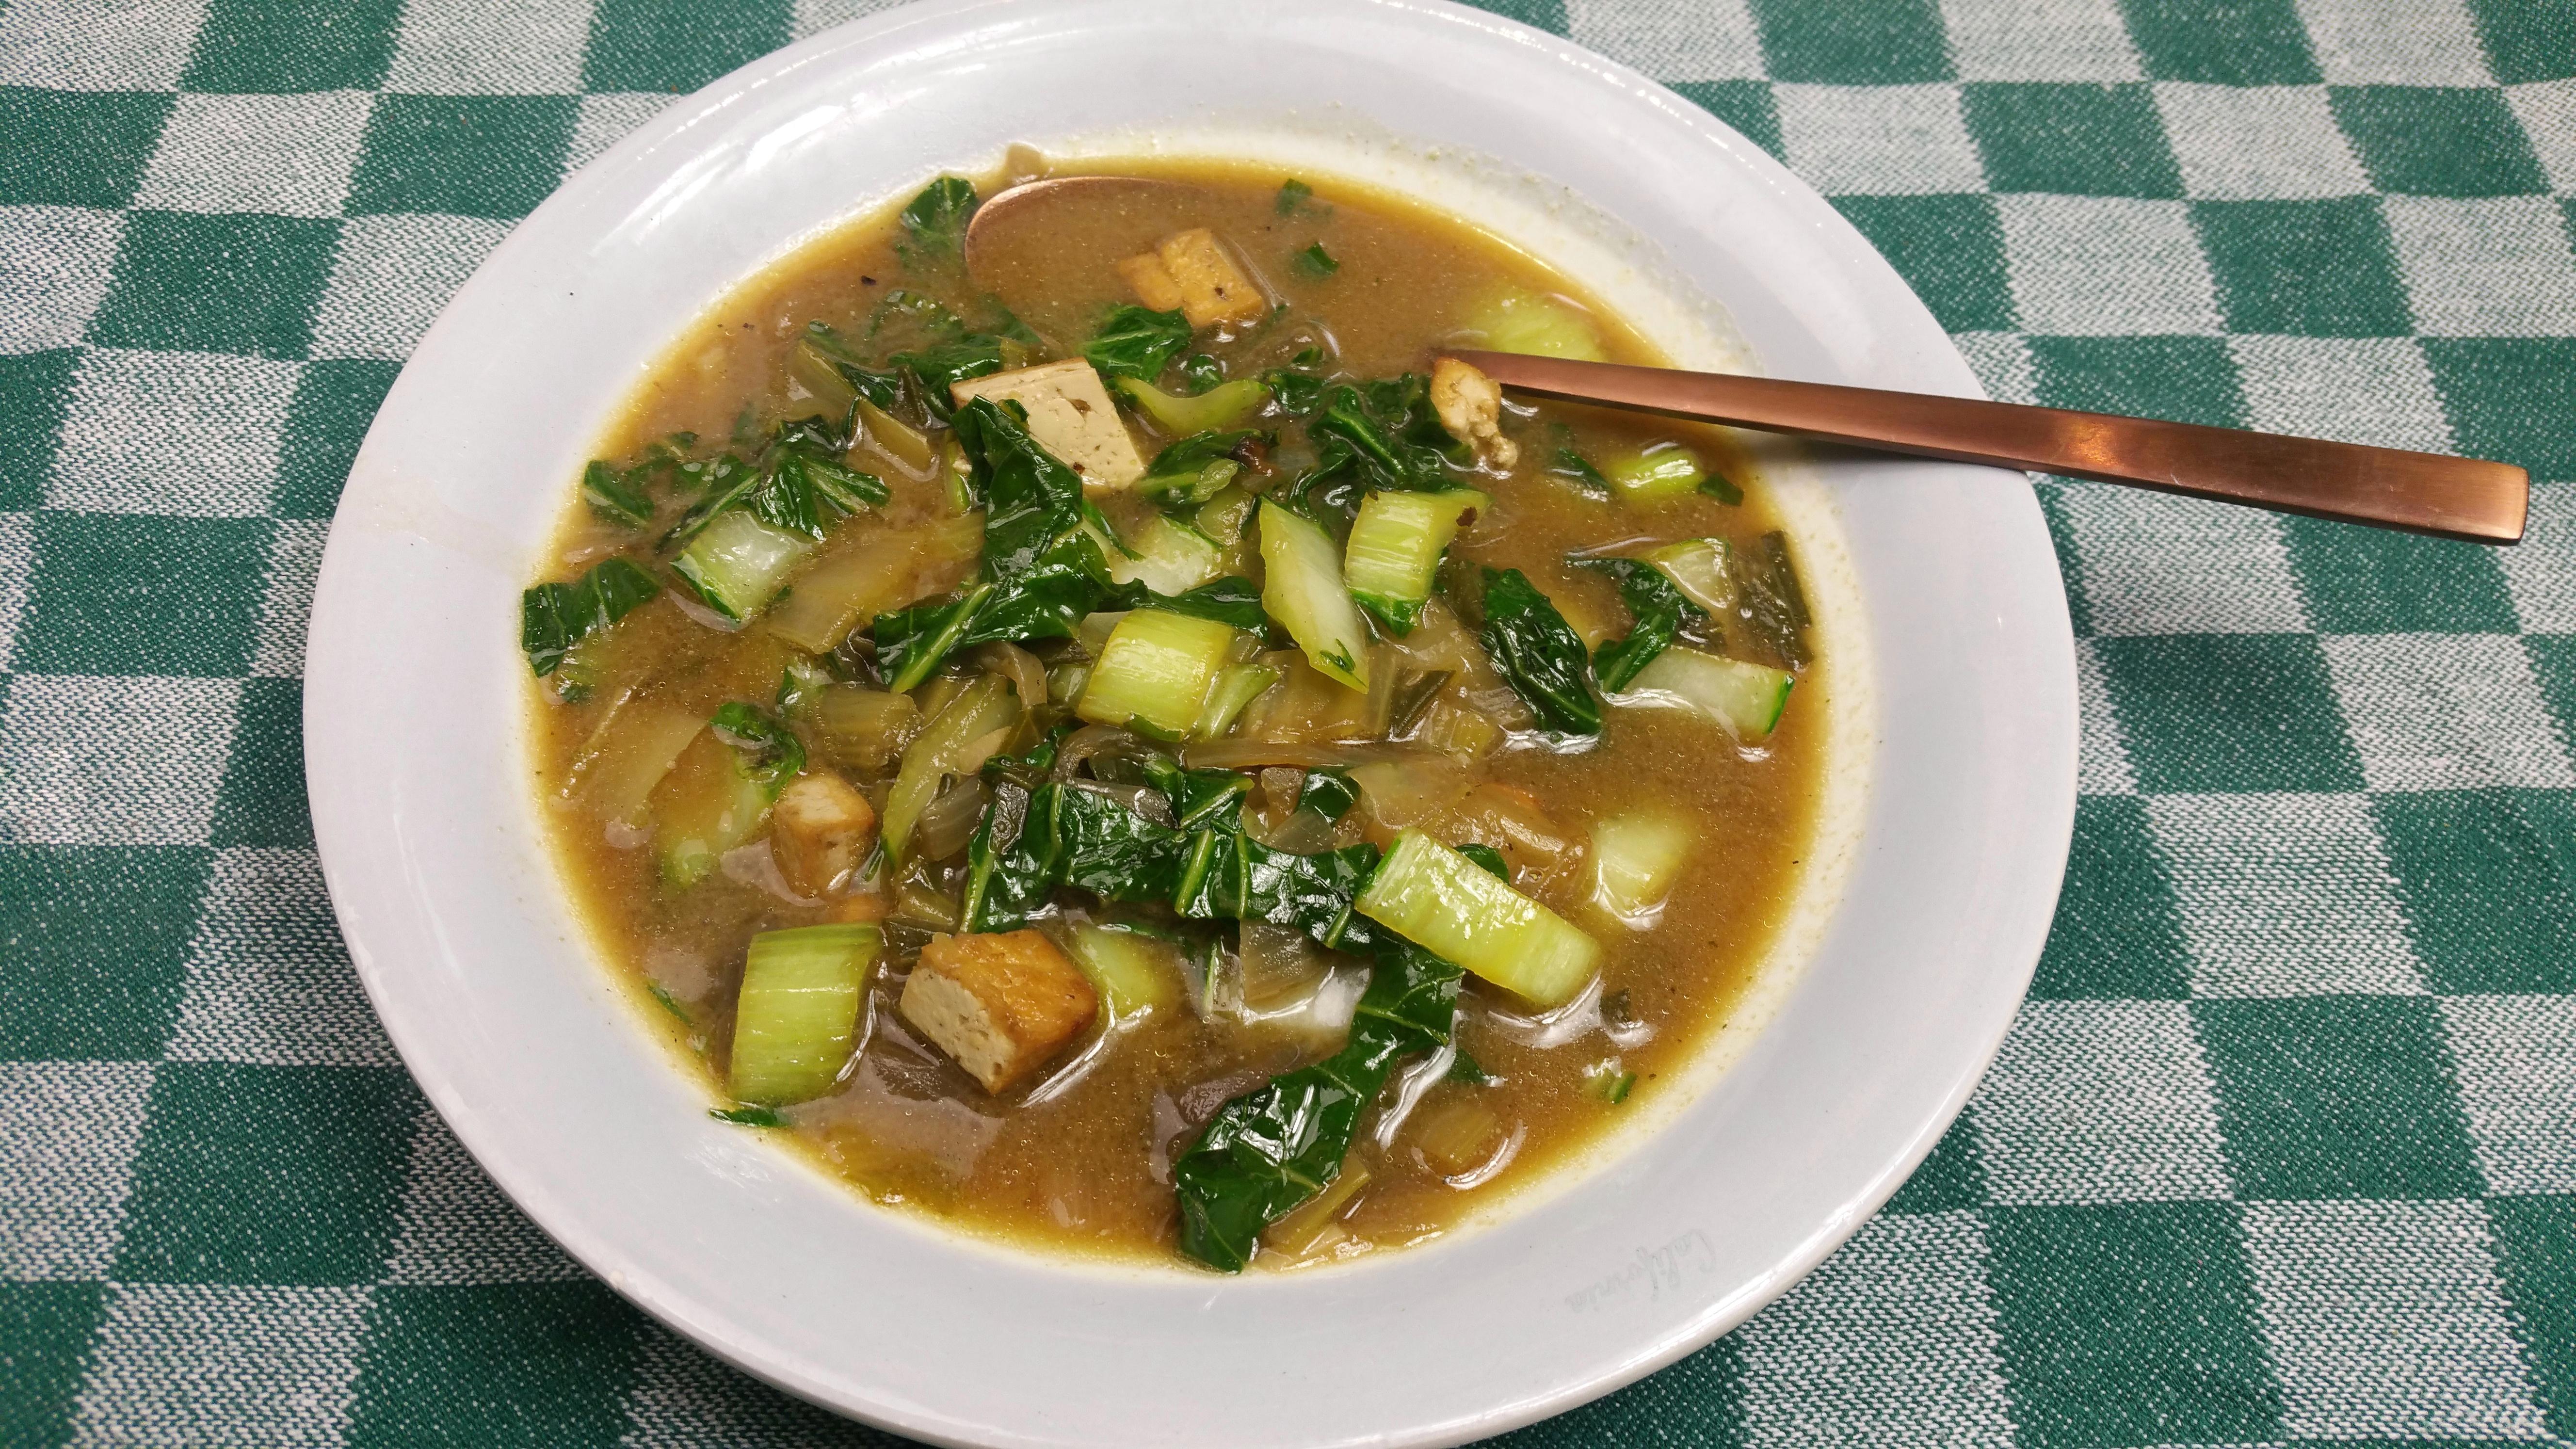 Uitgelichte foto voor het bericht Paksoisoep met tofu en miso